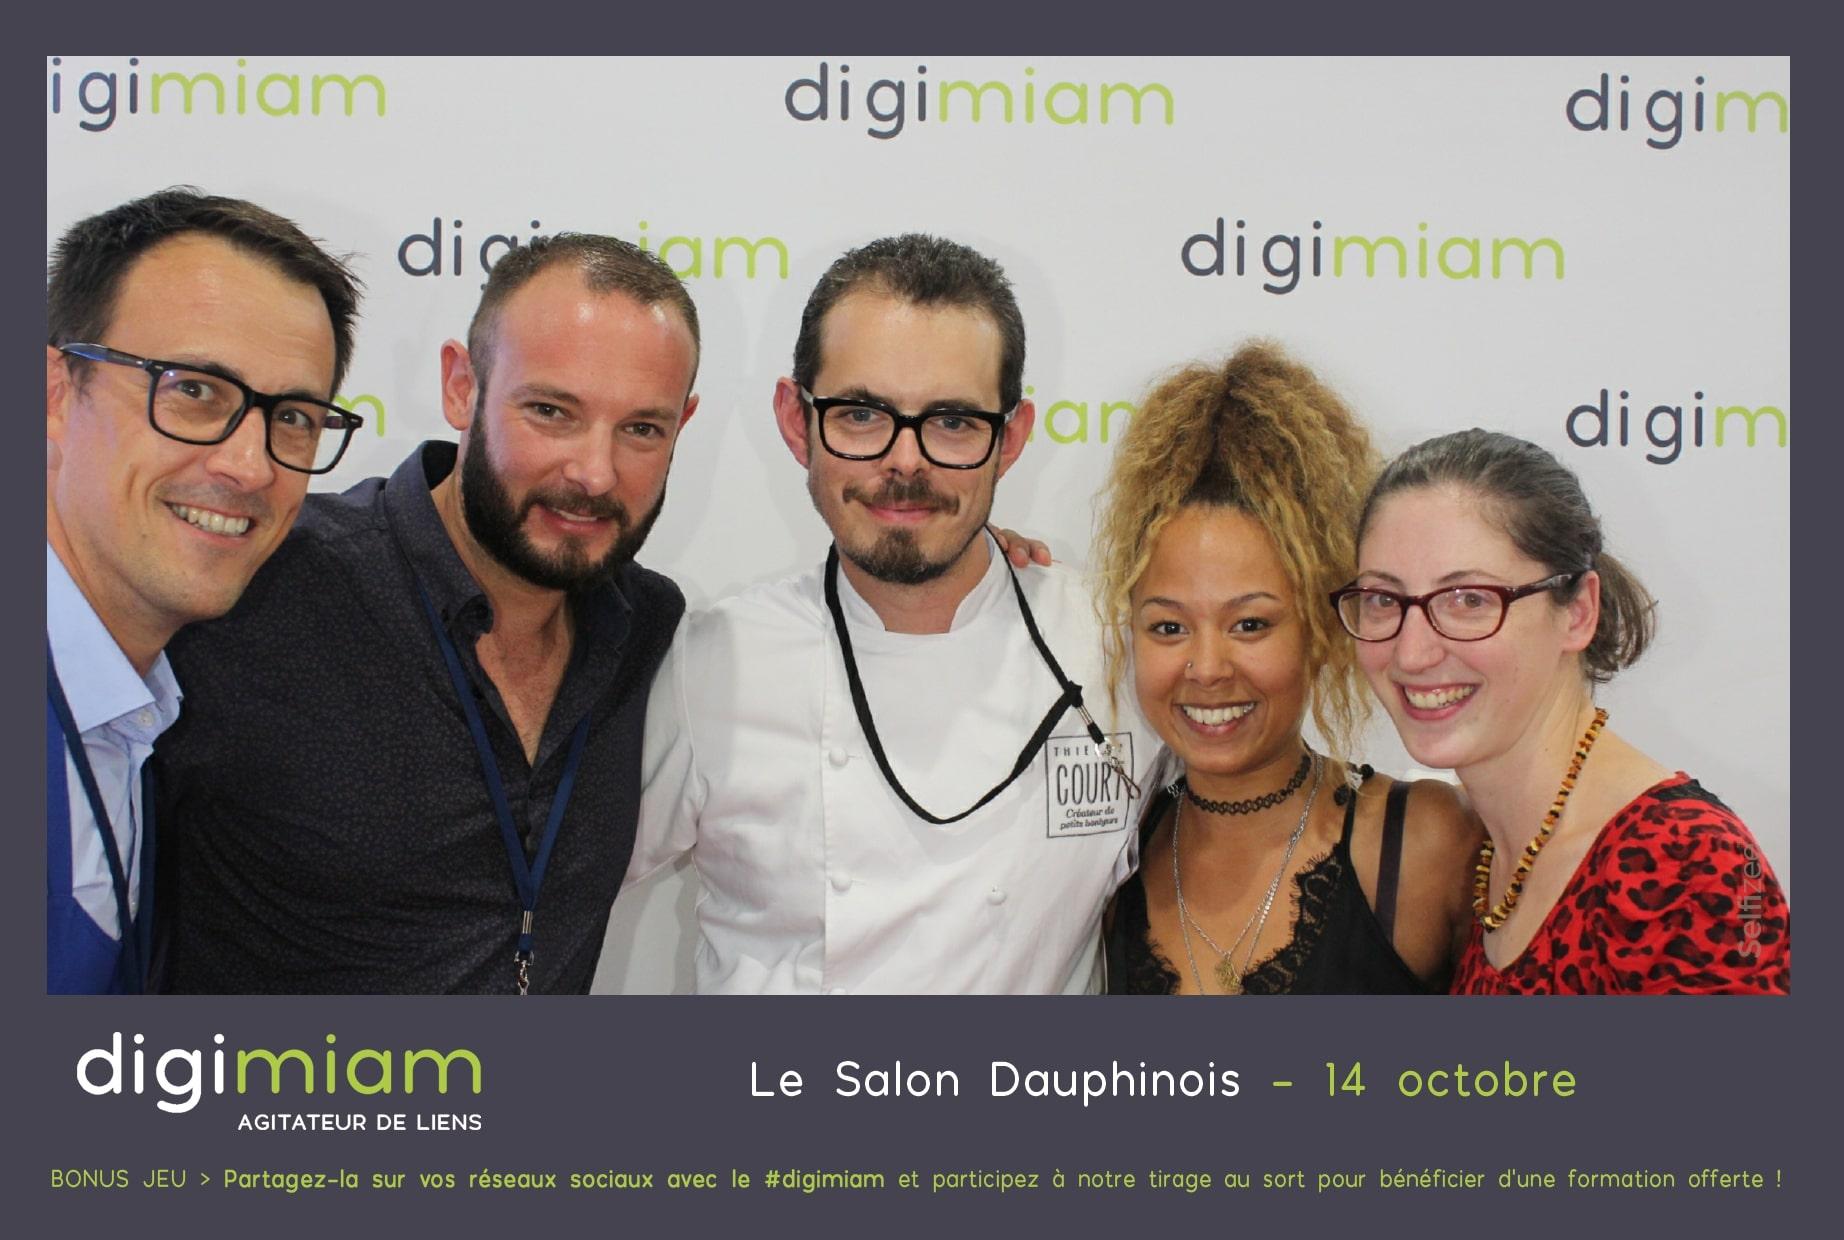 Borne selfie et animation photocall sur stand Digimiam au salon Dauphinois 2018 à Alpexpo Grenoble